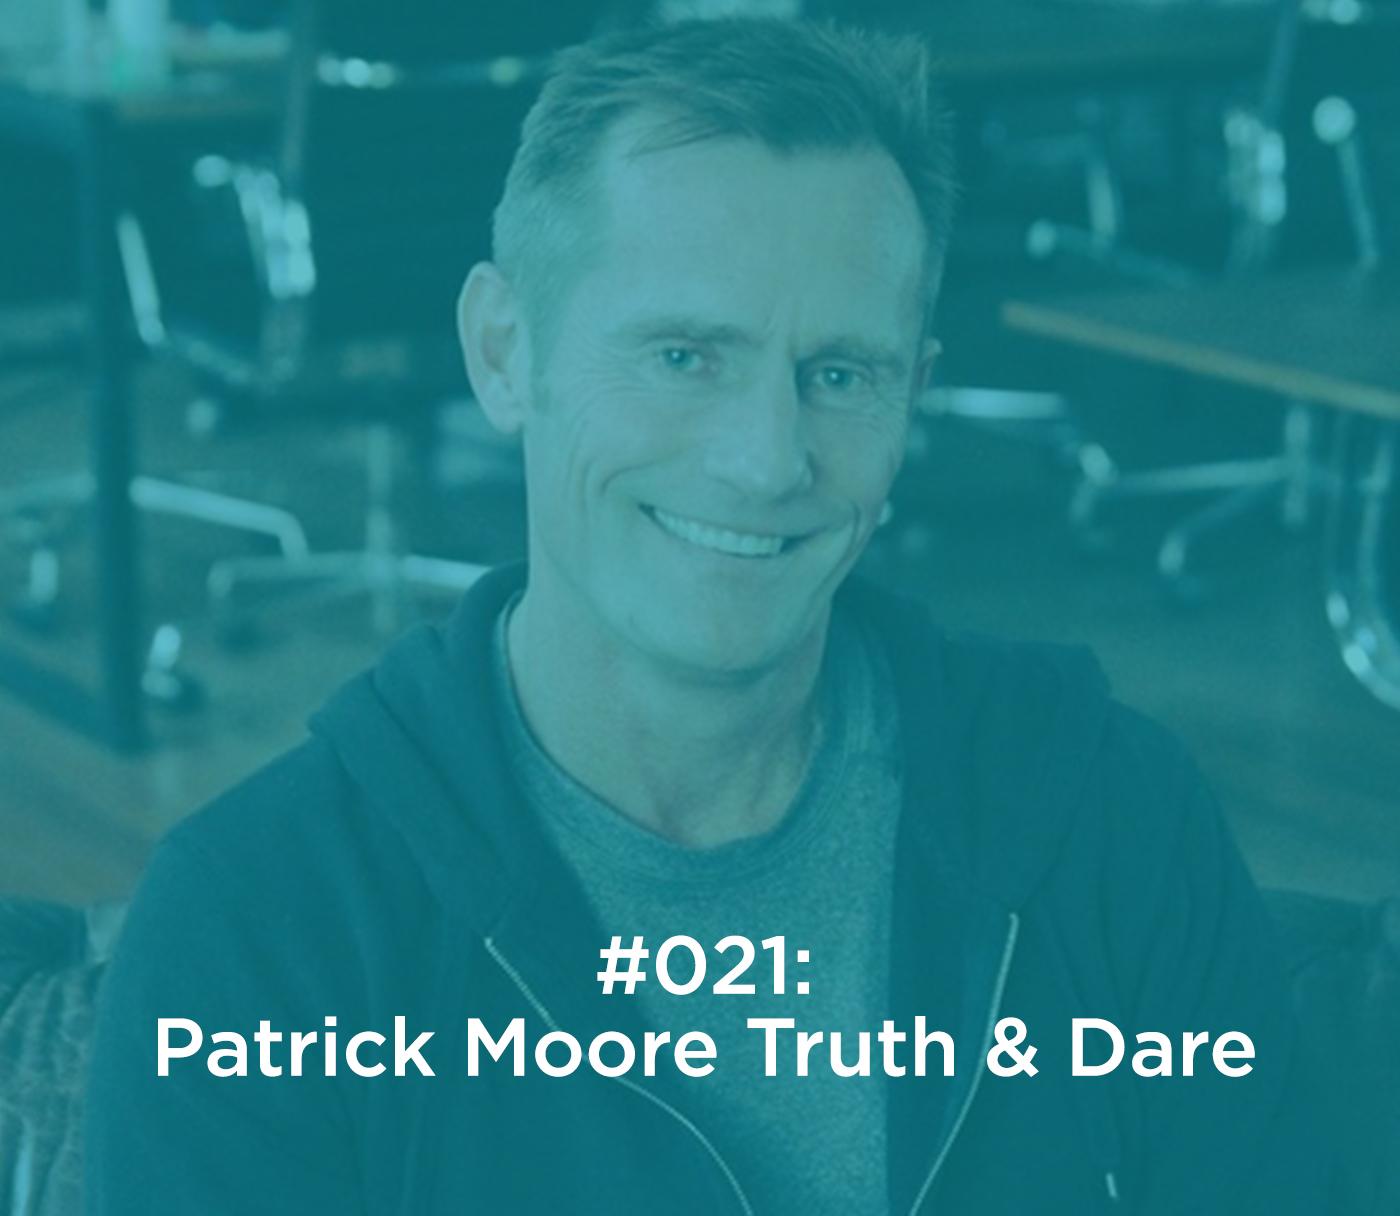 Patrick Moore Truth & Dare